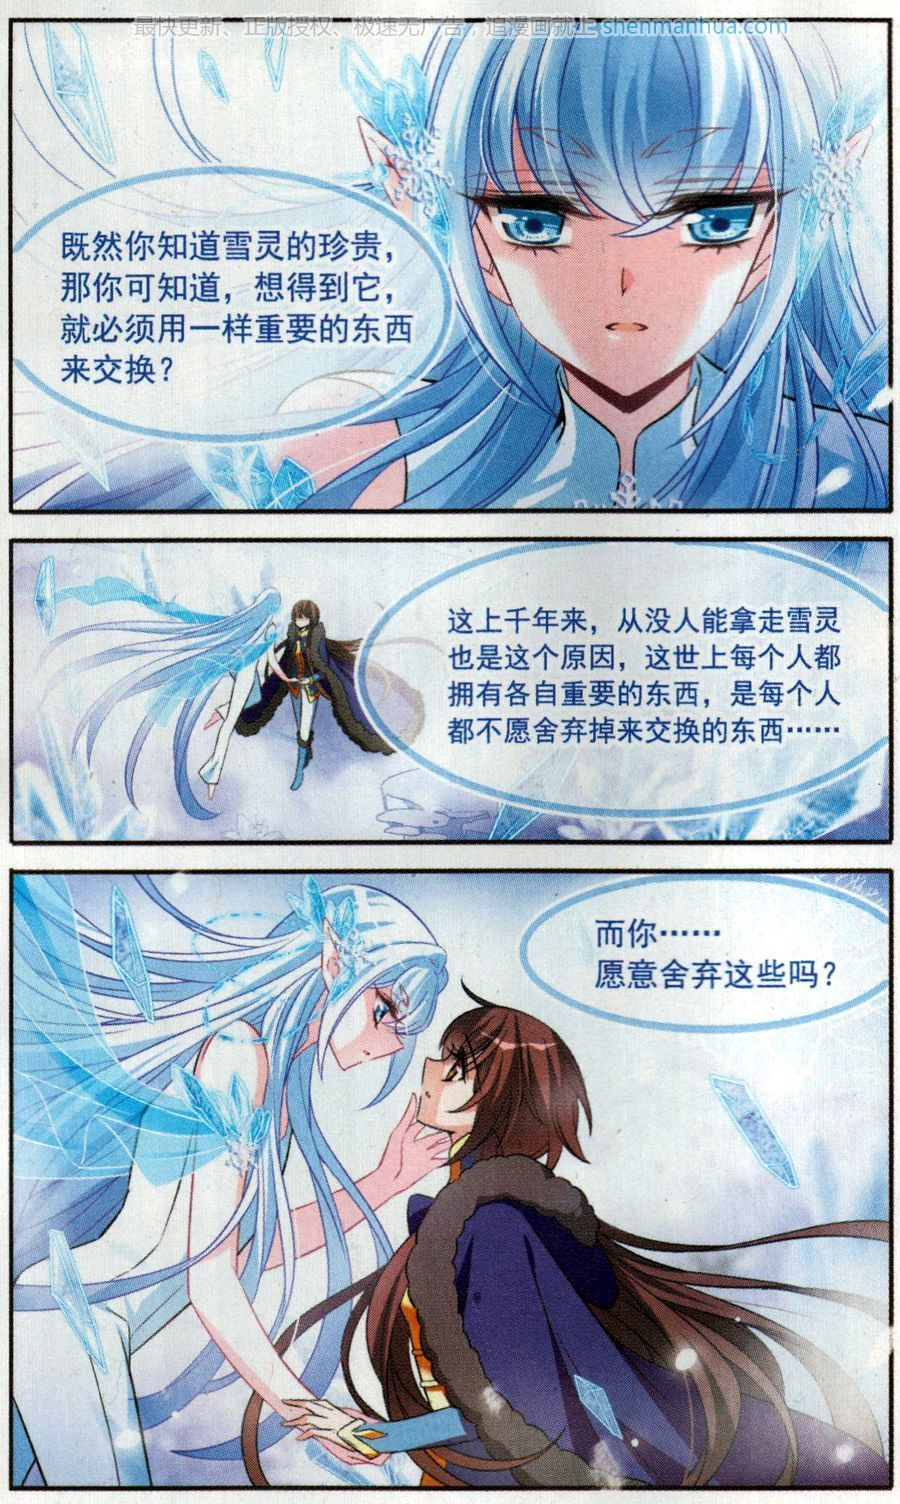 骑士幻想夜153话 杜阿格斯的告白 骑士幻想夜漫画153话 杜阿格斯的告白 骑士幻想夜153回 杜阿格斯的告白 神漫画 manga